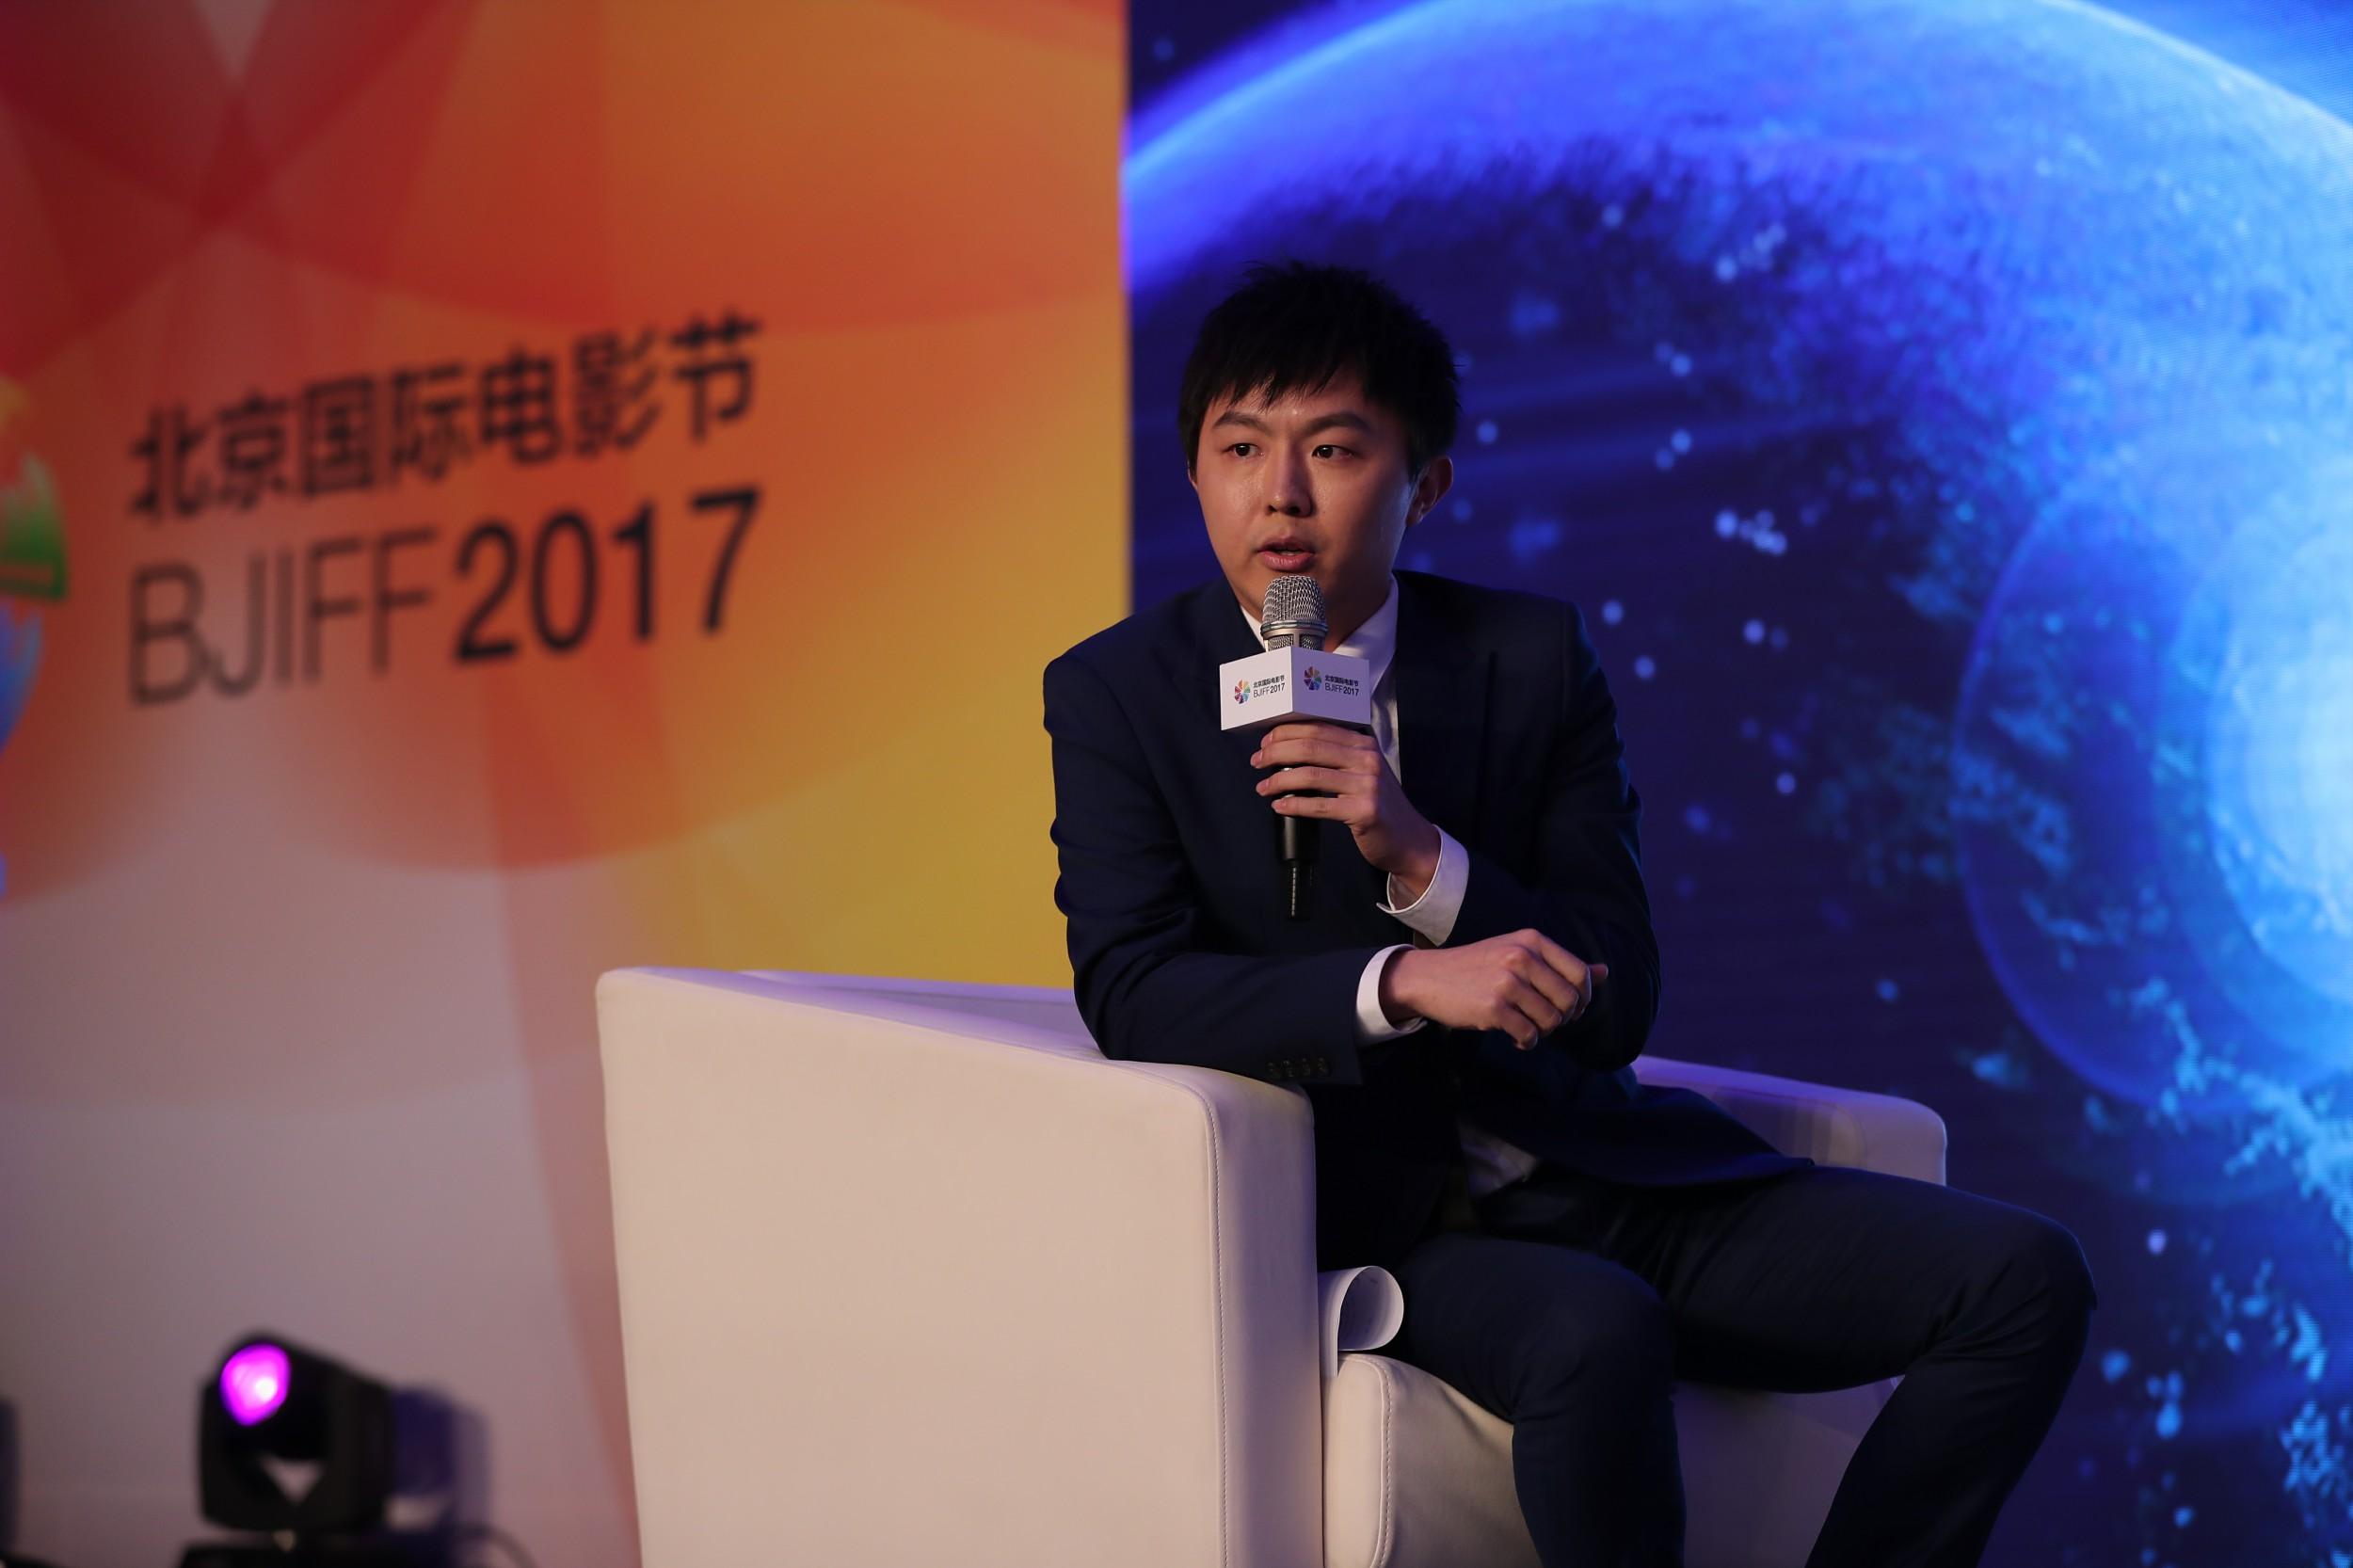 《我是演说家》冠军梁植:一场价值50亿的精彩演说_网易新闻